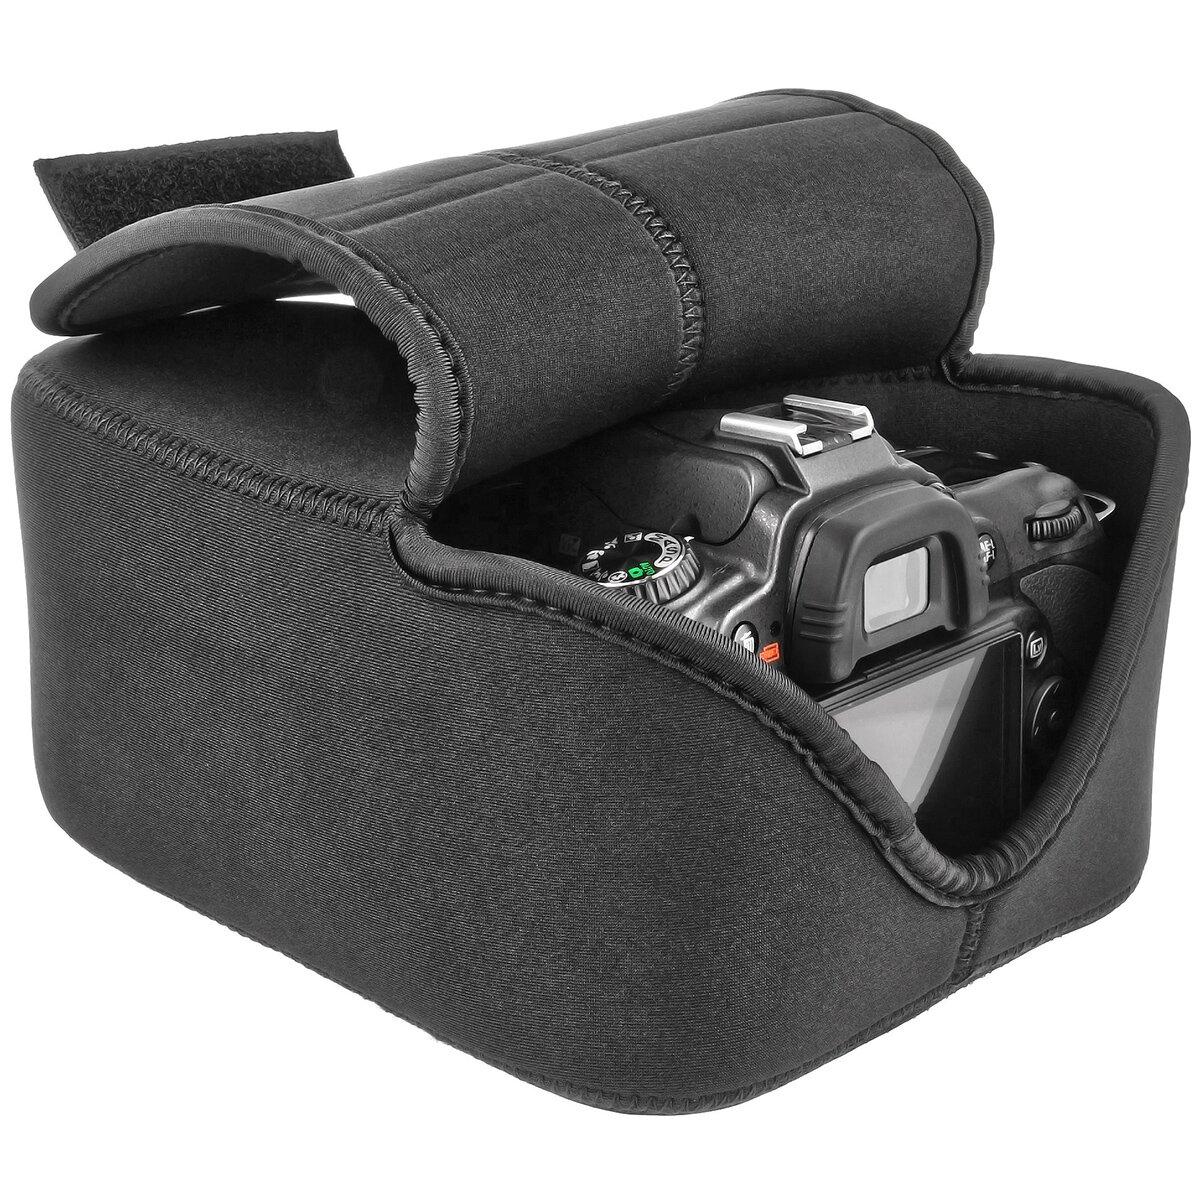 Kameratasche für große SLR DSLR Spiegelreflexkameras mit Objektiv - Neopren Schwarz - Wasserabweisend